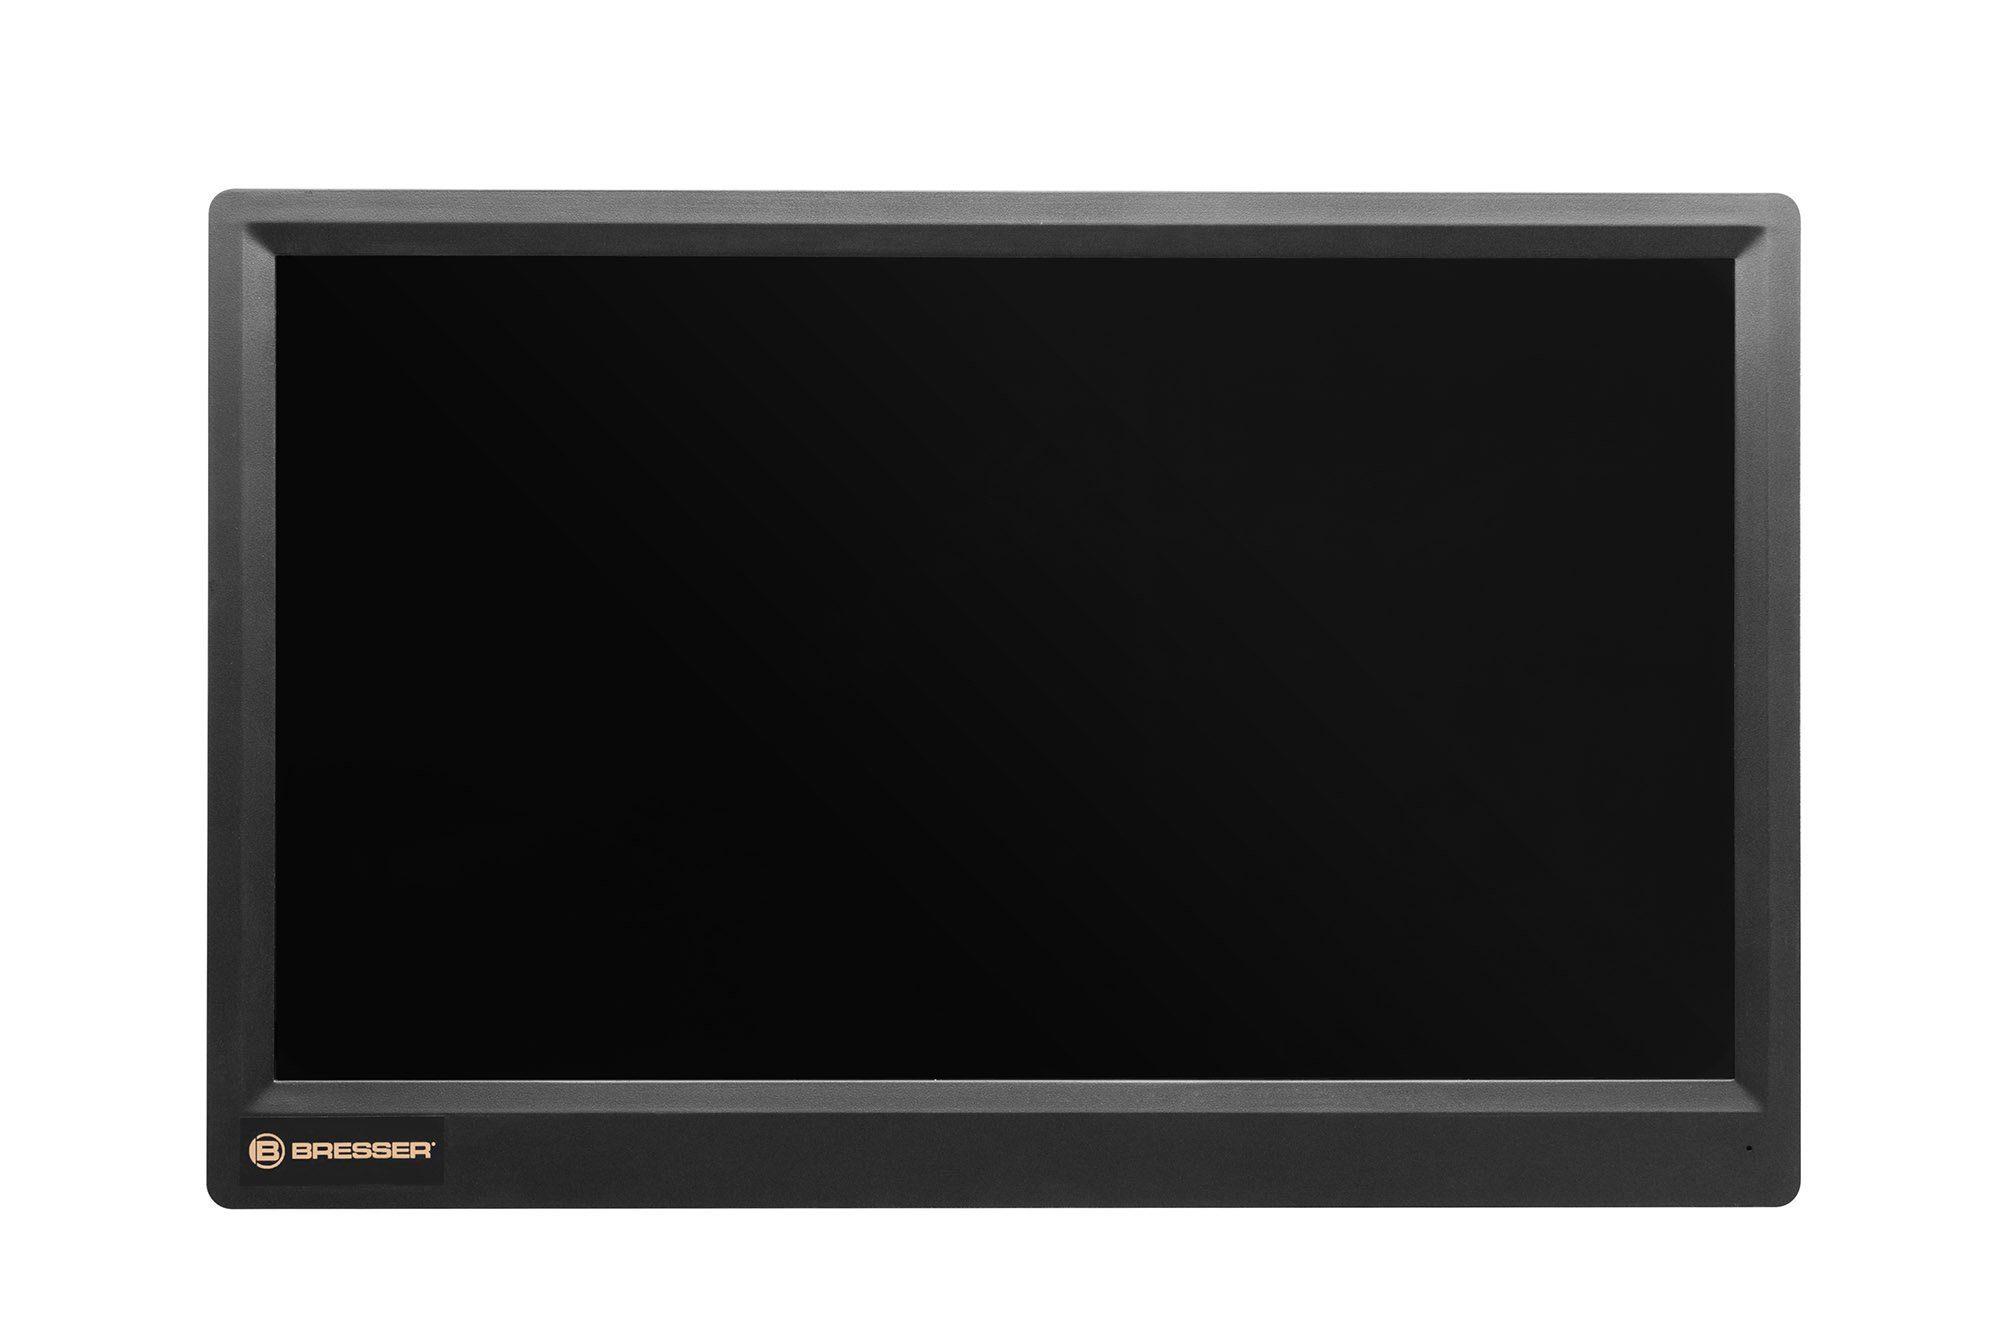 Bresser Display »HDMI Display für MikroCam Pro Mikroskopkamera«